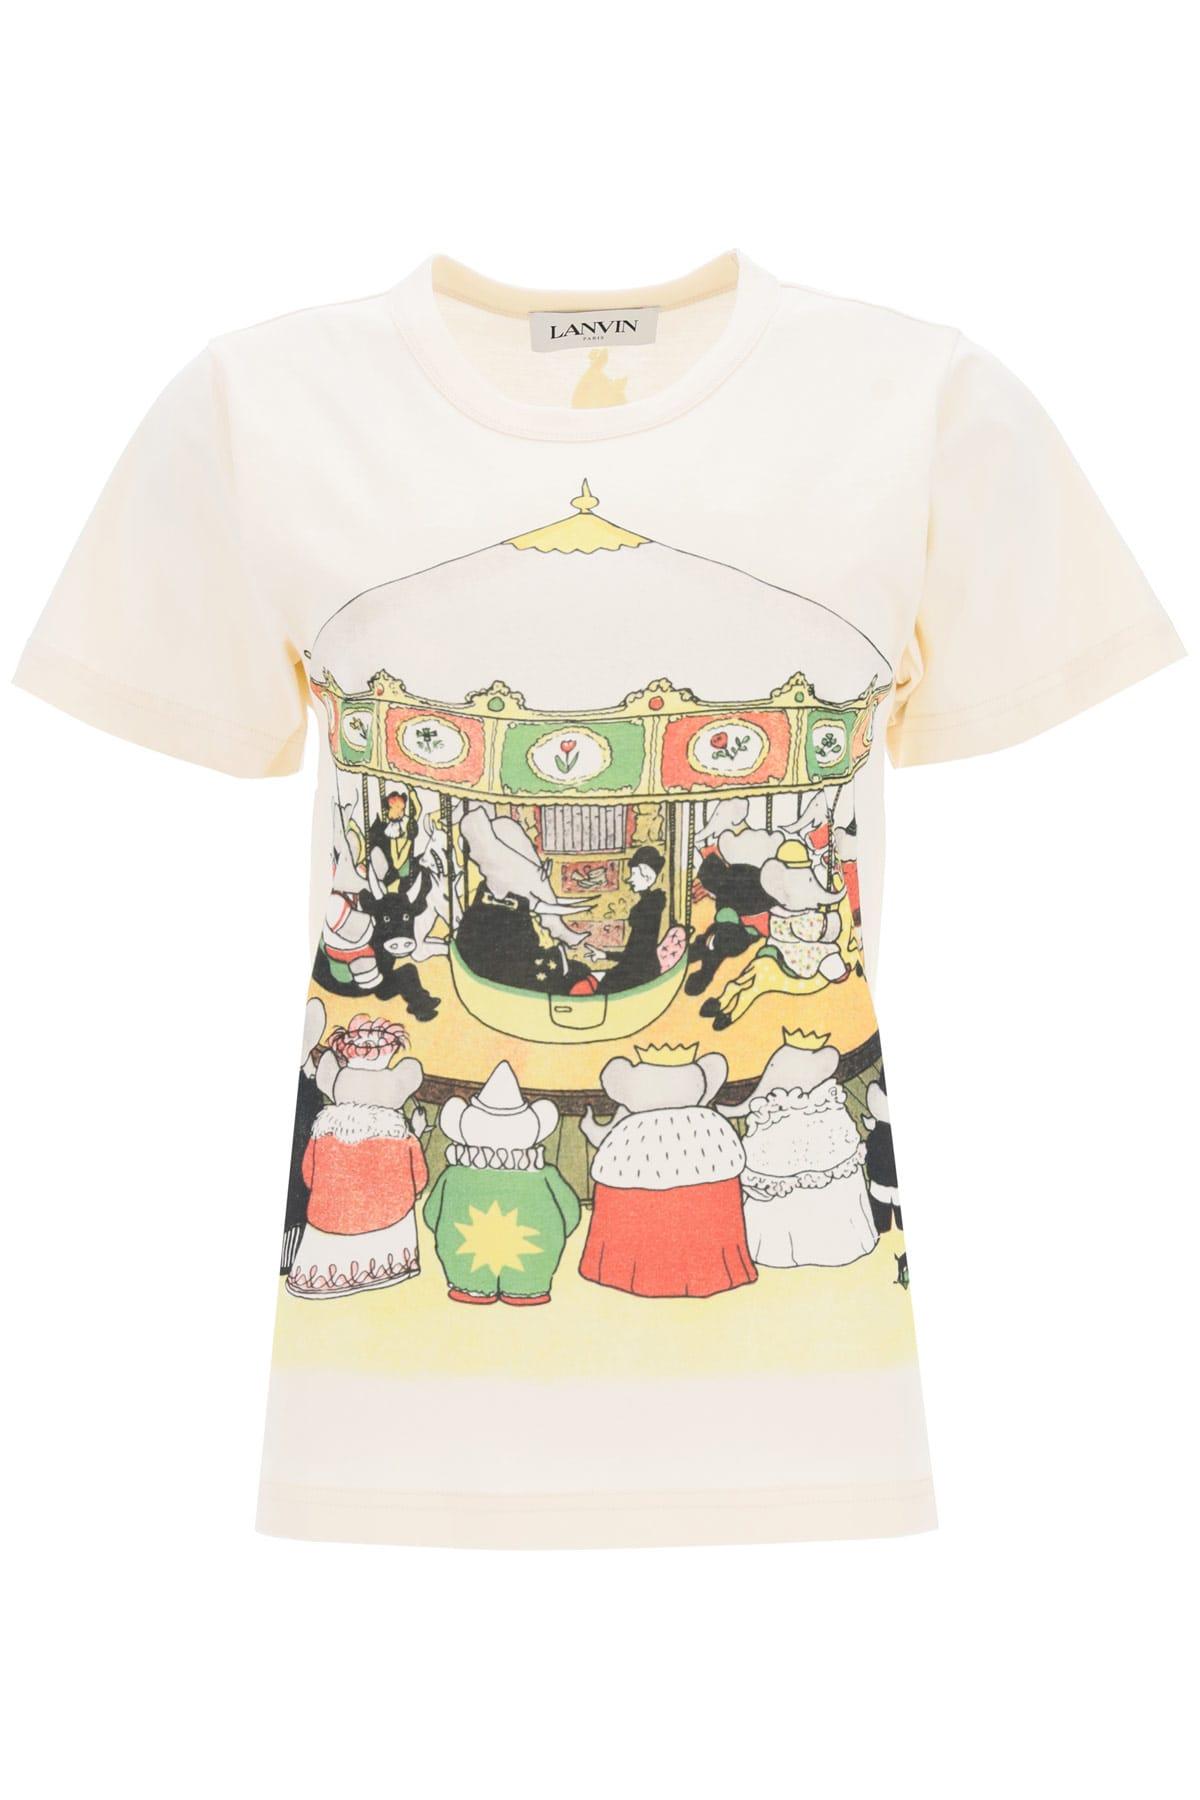 Lanvin Babar The King T-shirt